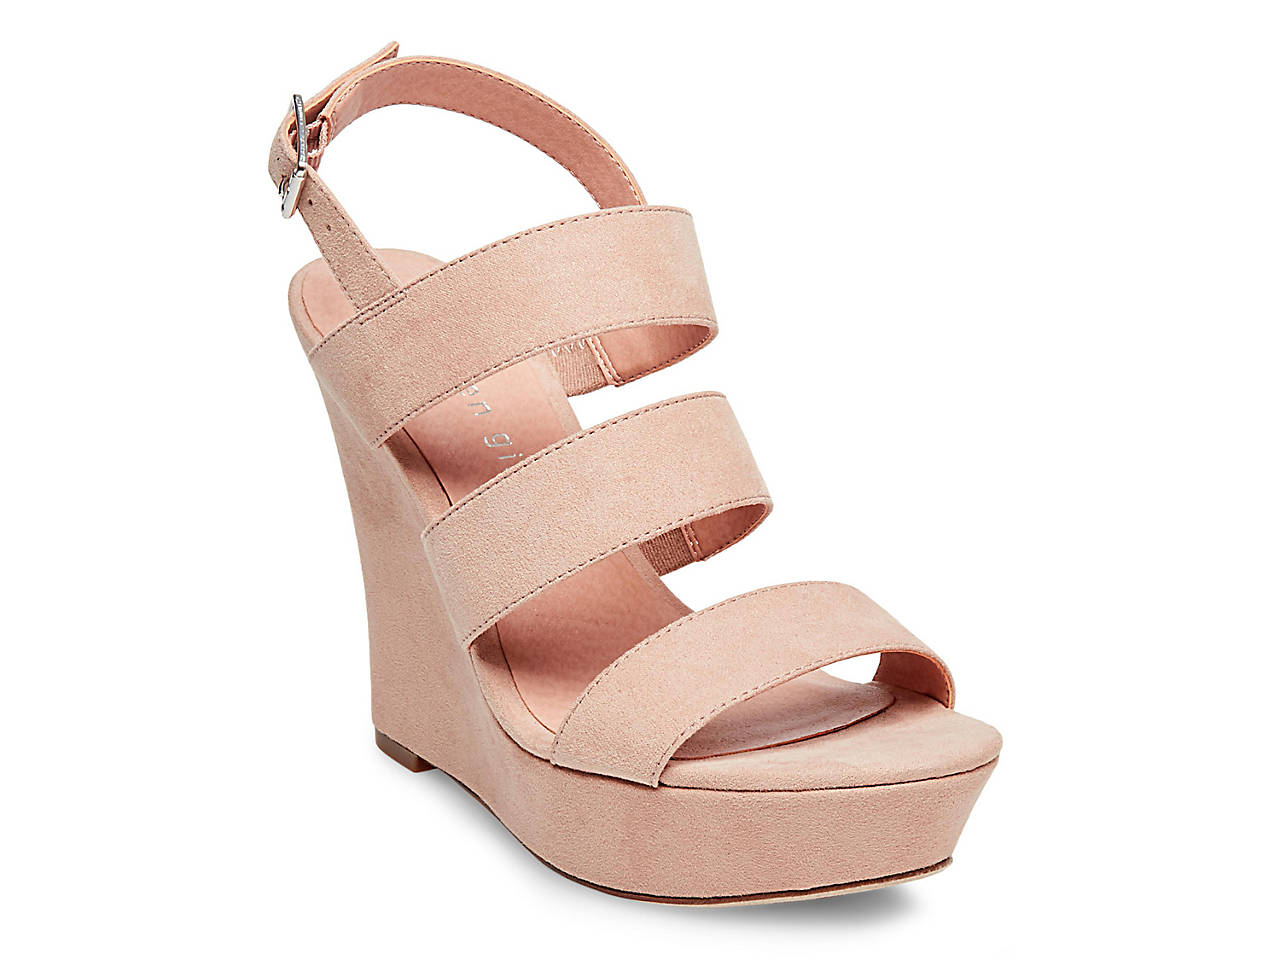 318b8ba18336b9 Madden Girl Blenda Wedge Sandal Women s Shoes